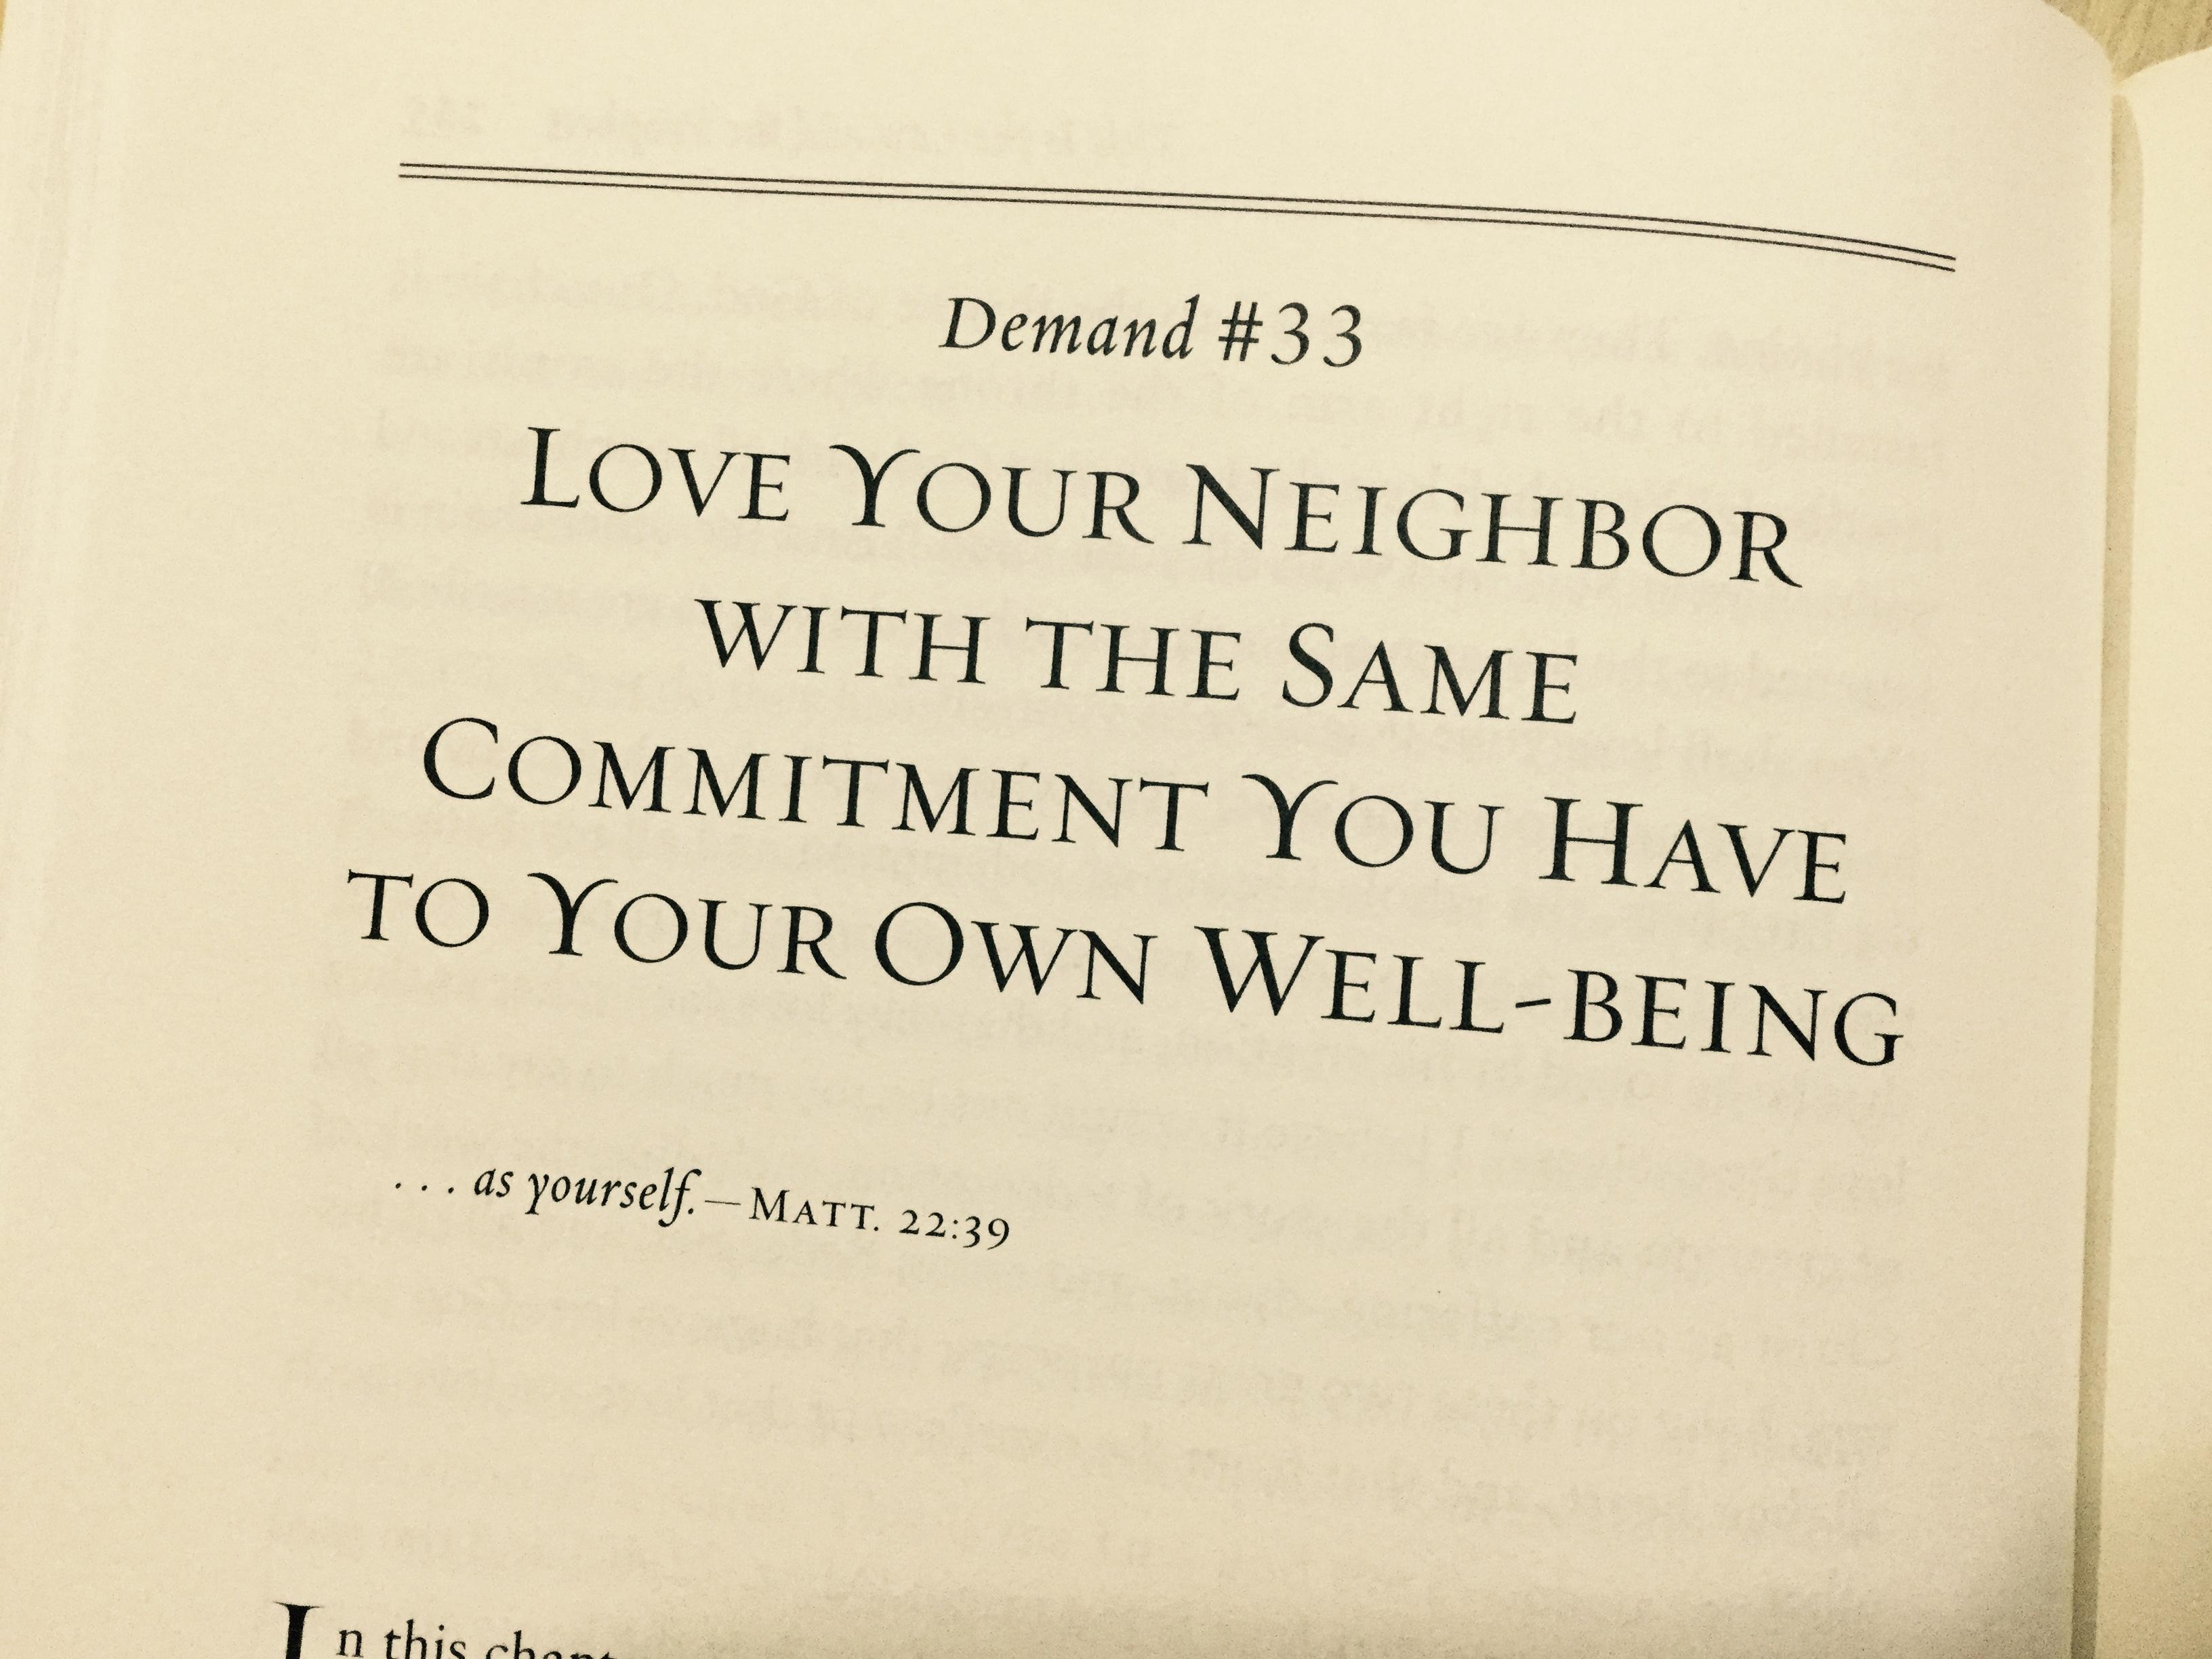 Love your neighborで始まる名言の写真です。